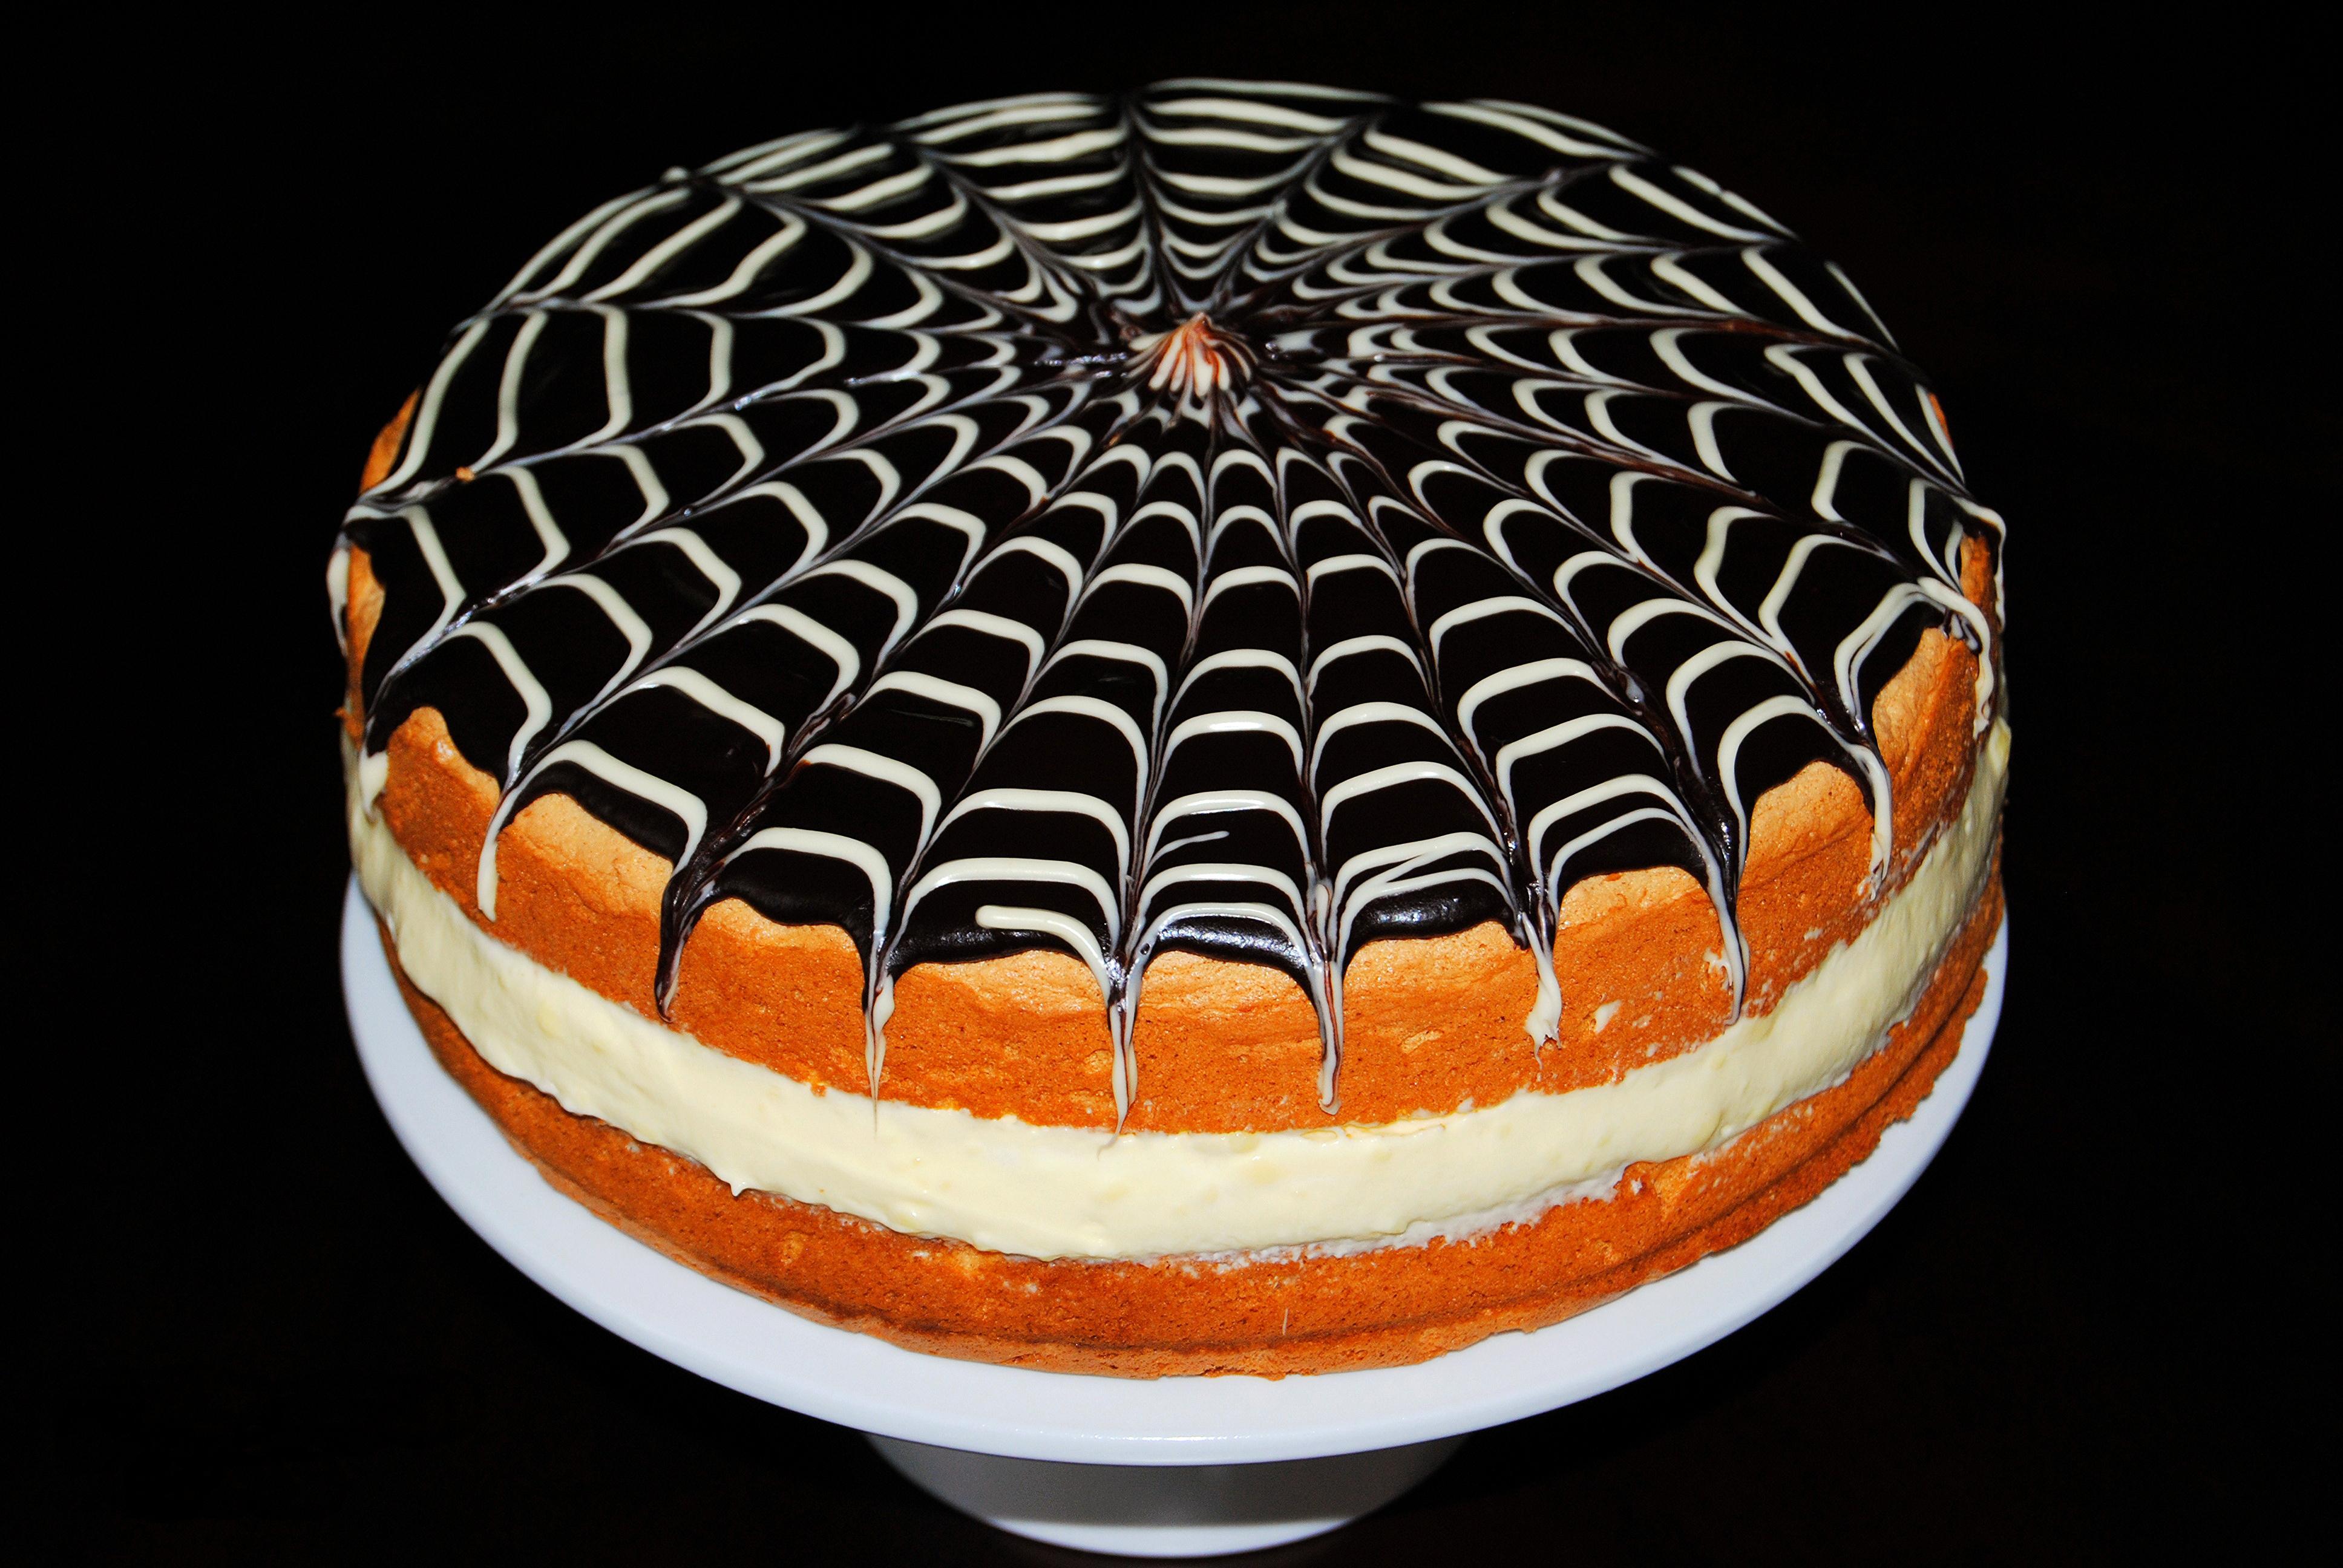 Обои для рабочего стола Шоколад Торты Еда Сладости на черном фоне 3872x2592 Пища Продукты питания Черный фон сладкая еда